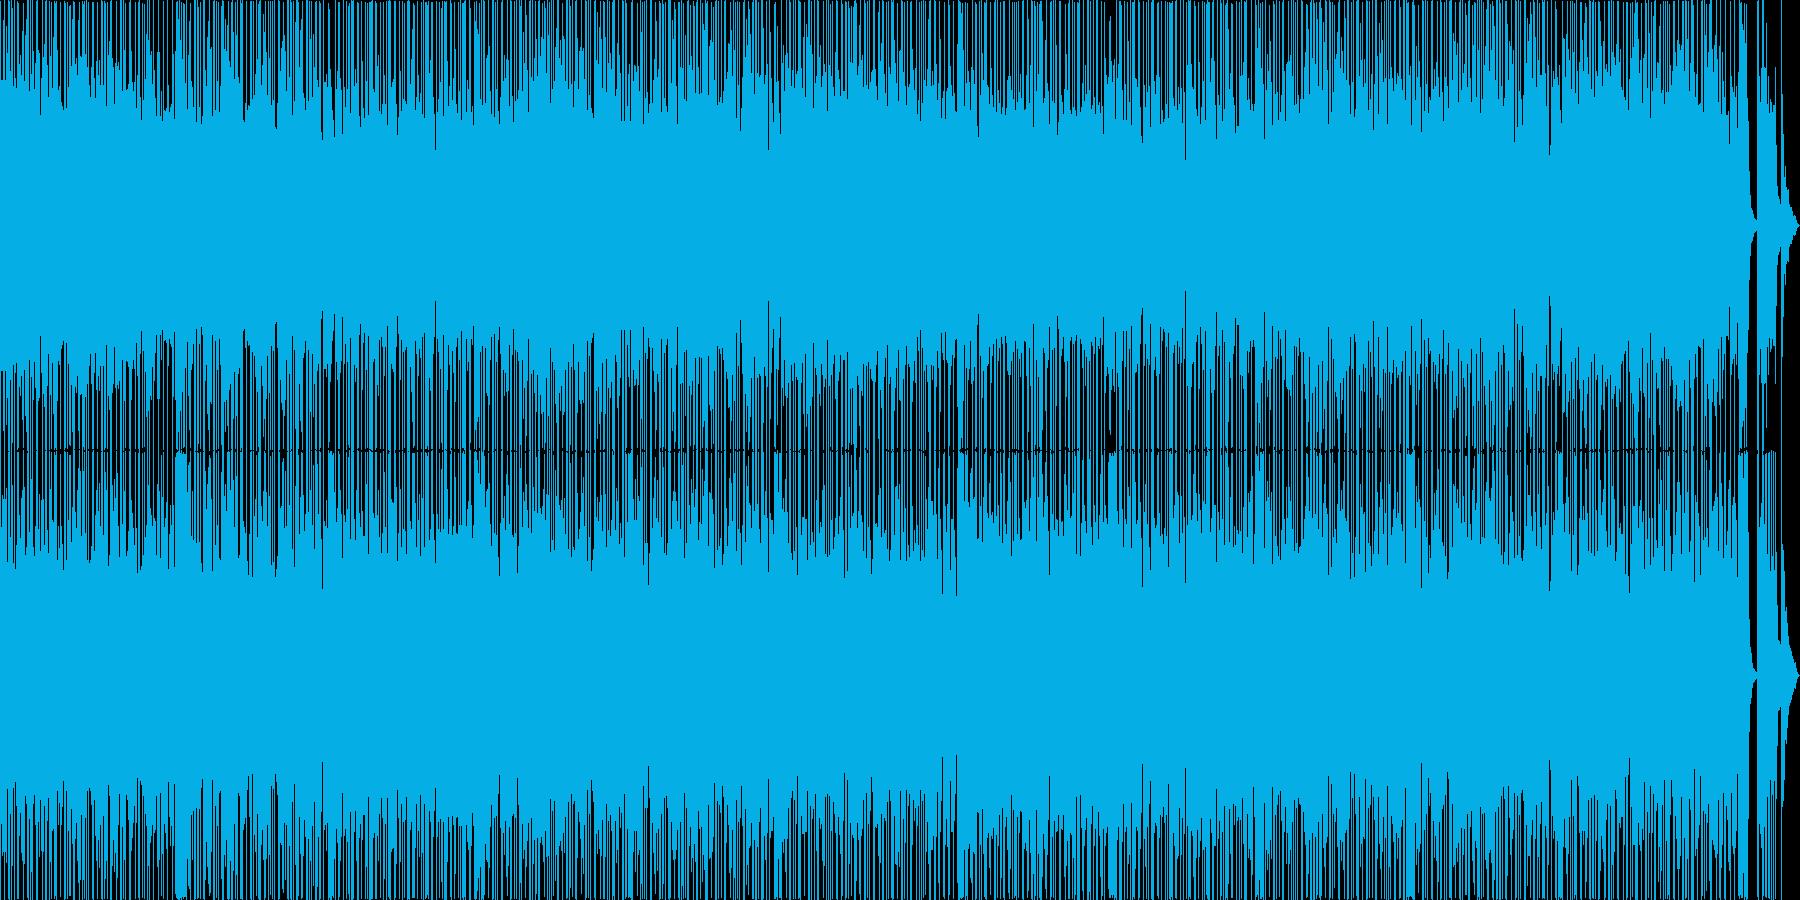 軽快さを重視した明るく楽しい曲の再生済みの波形